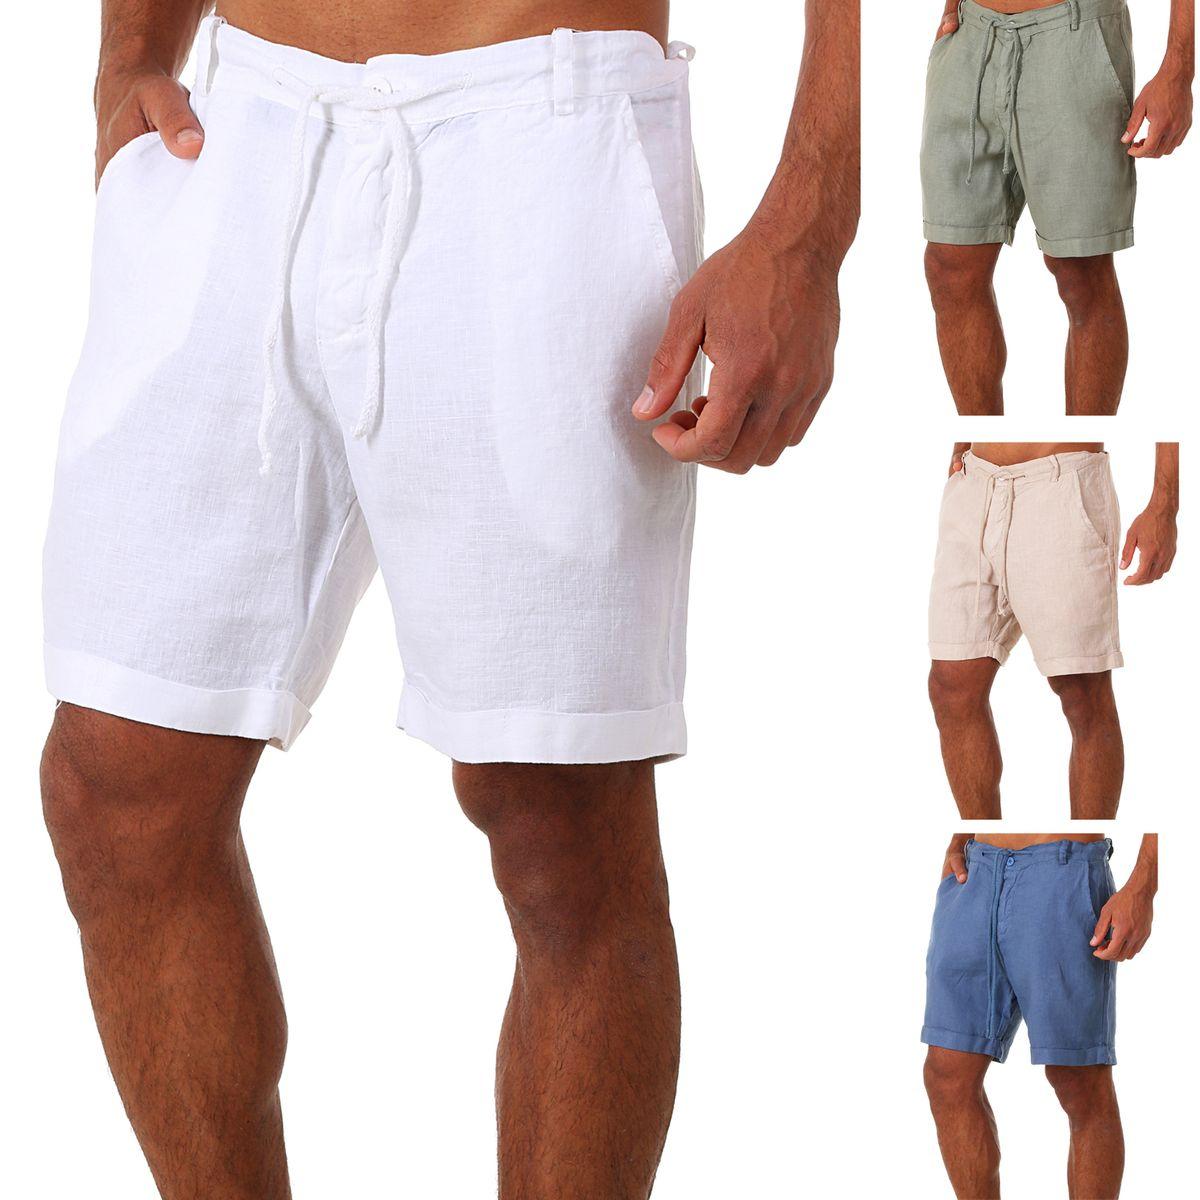 Premium-Auswahl 00517 fc928 Details zu Young & Rich Herren Leinenshorts Kurze Hose 100% Leinen Shorts  relaxed fit X8030